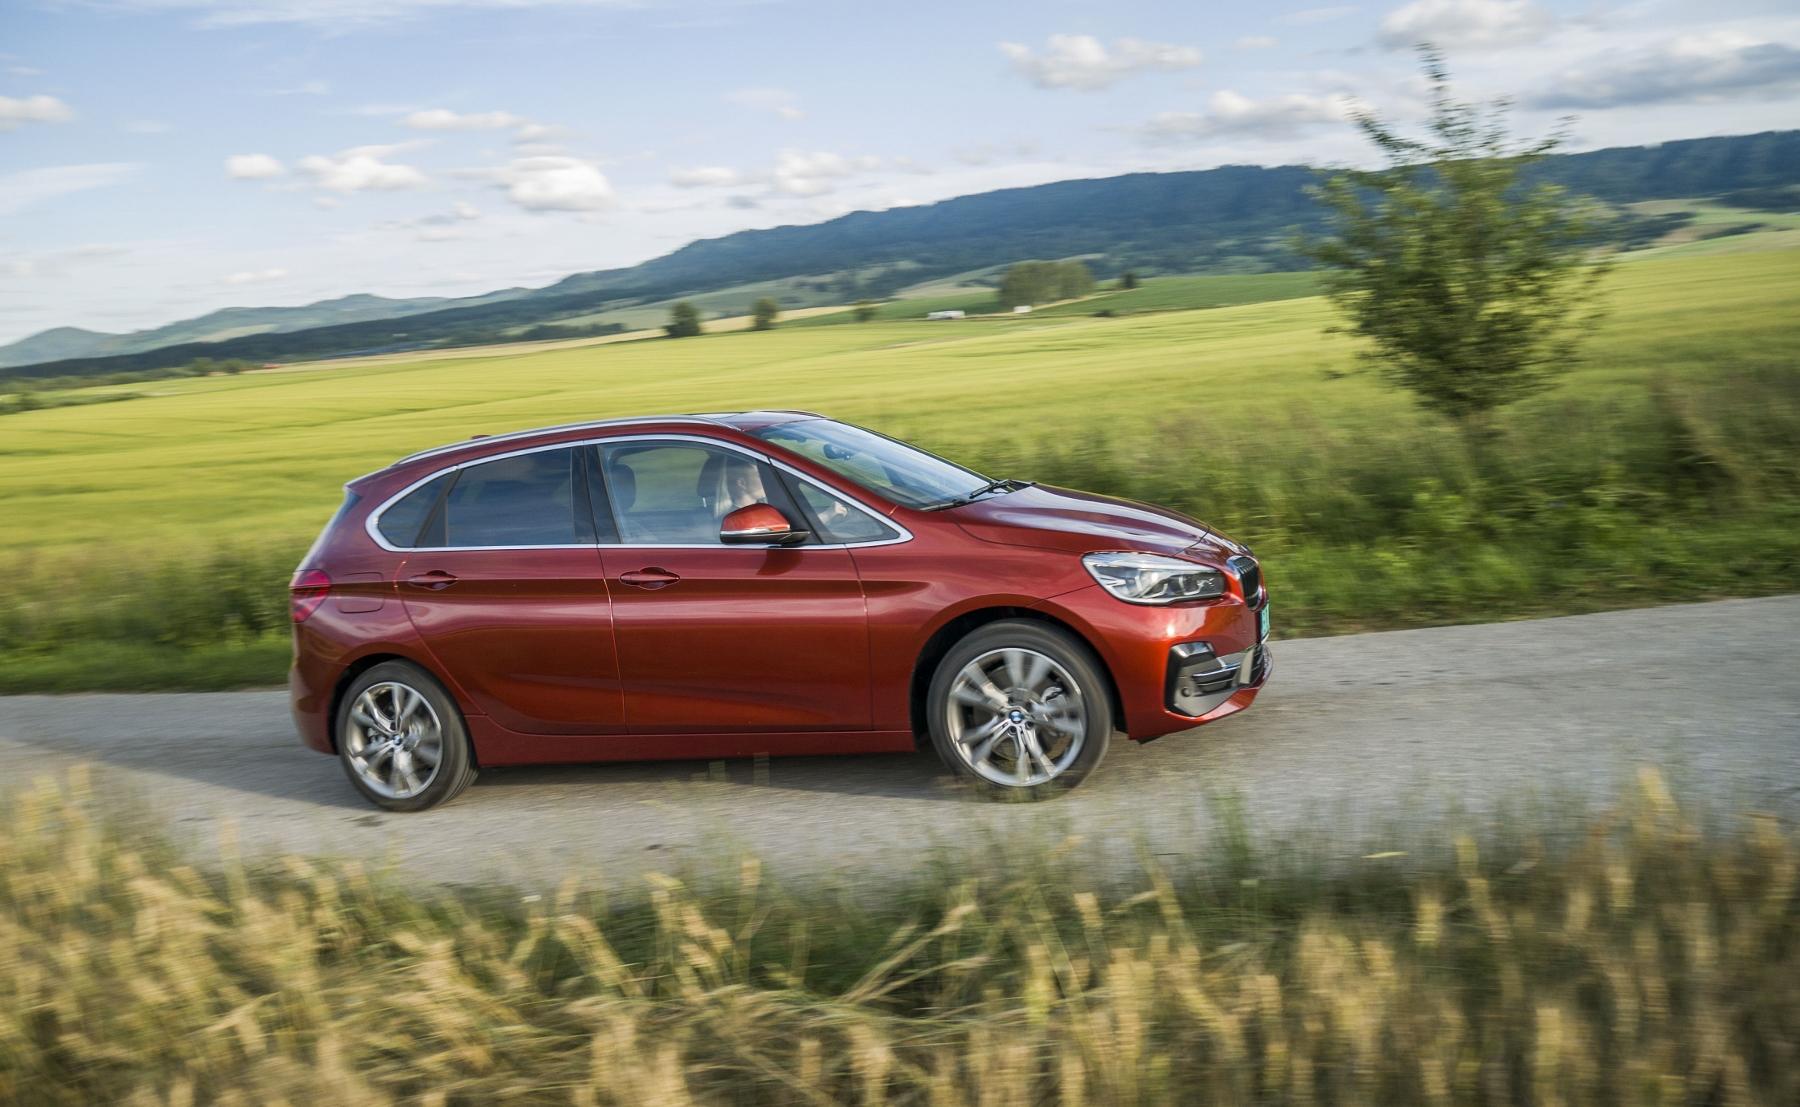 BMW 225 xe (15)